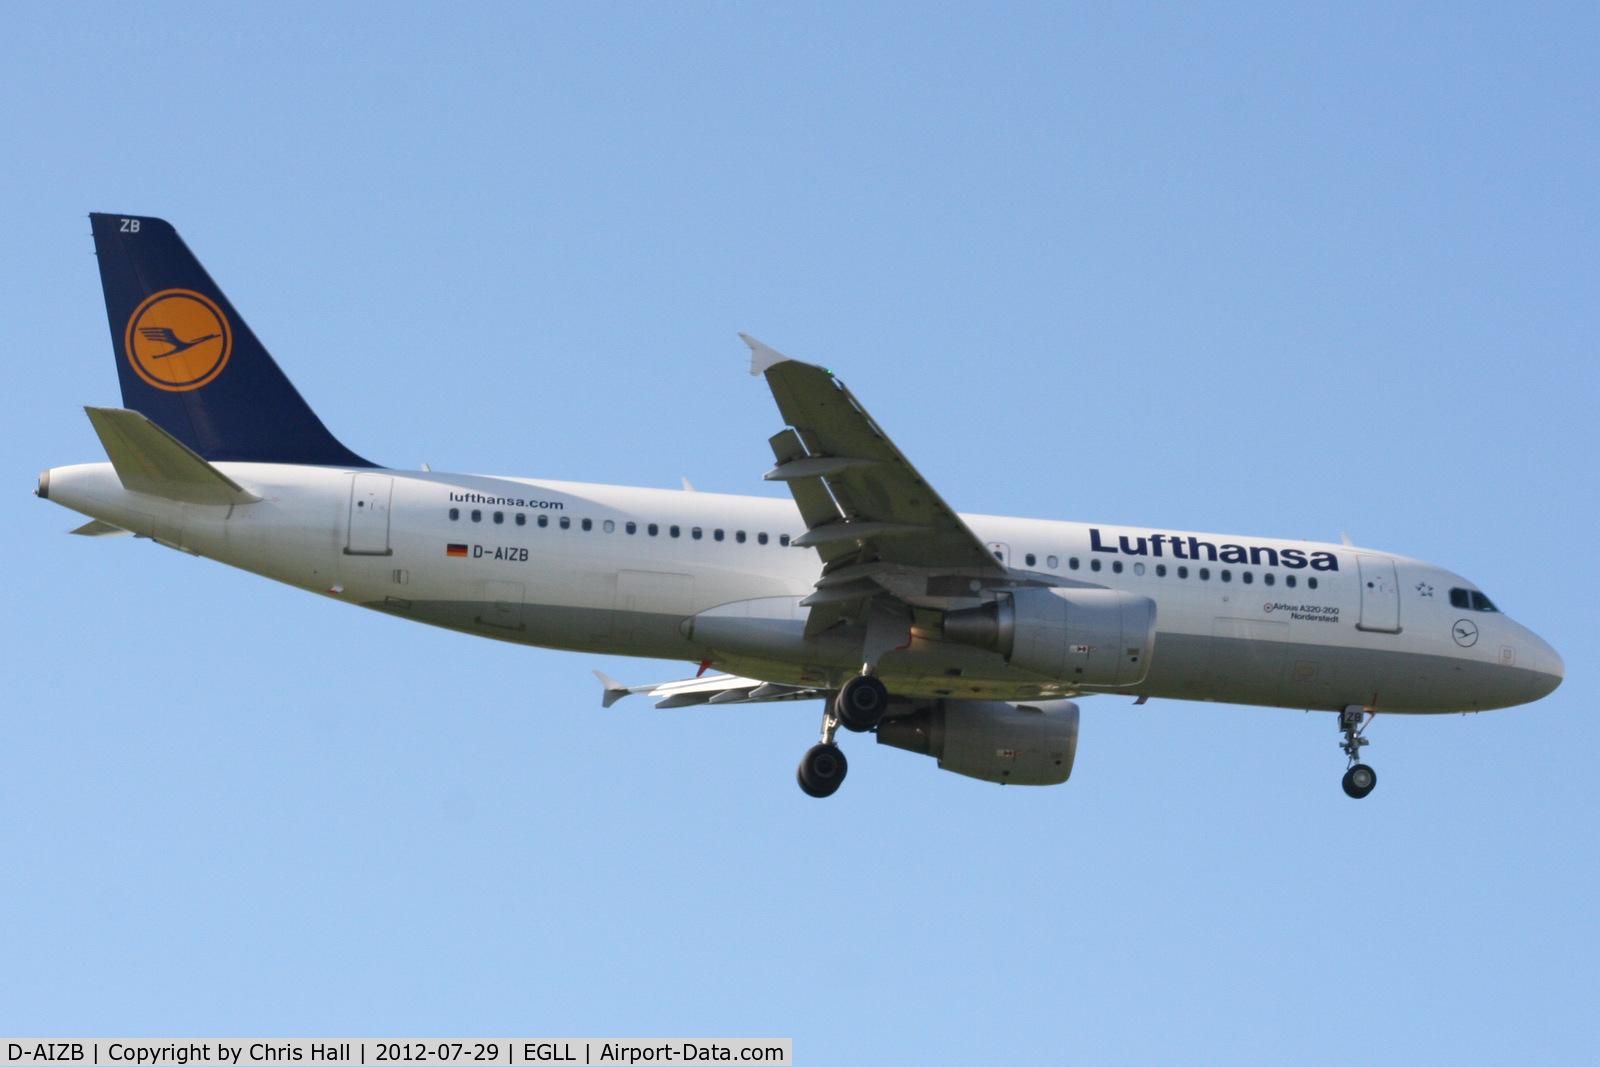 D-AIZB, 2009 Airbus A320-214 C/N 4120, Lufthansa